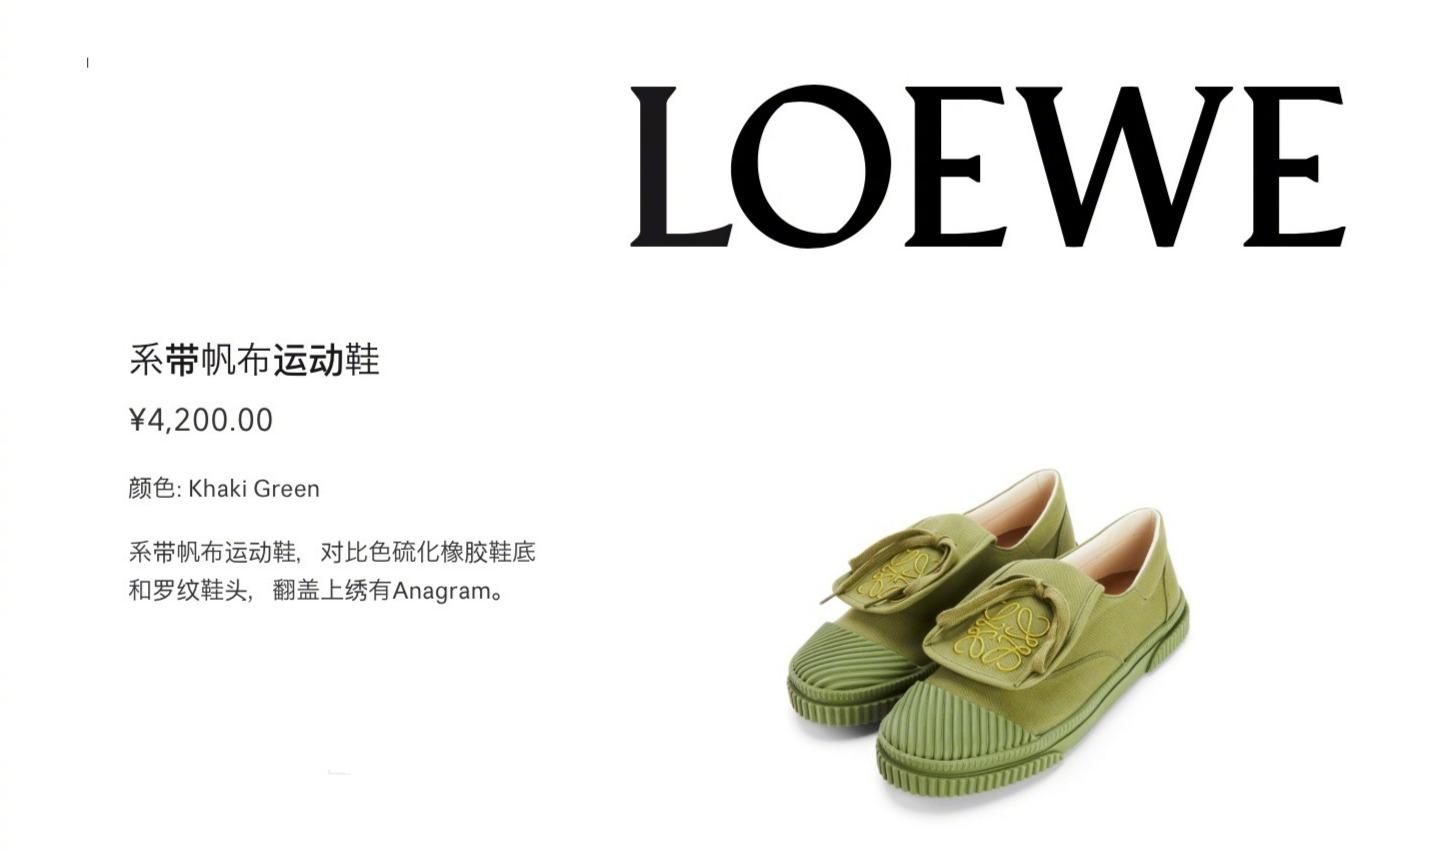 Loewe官网